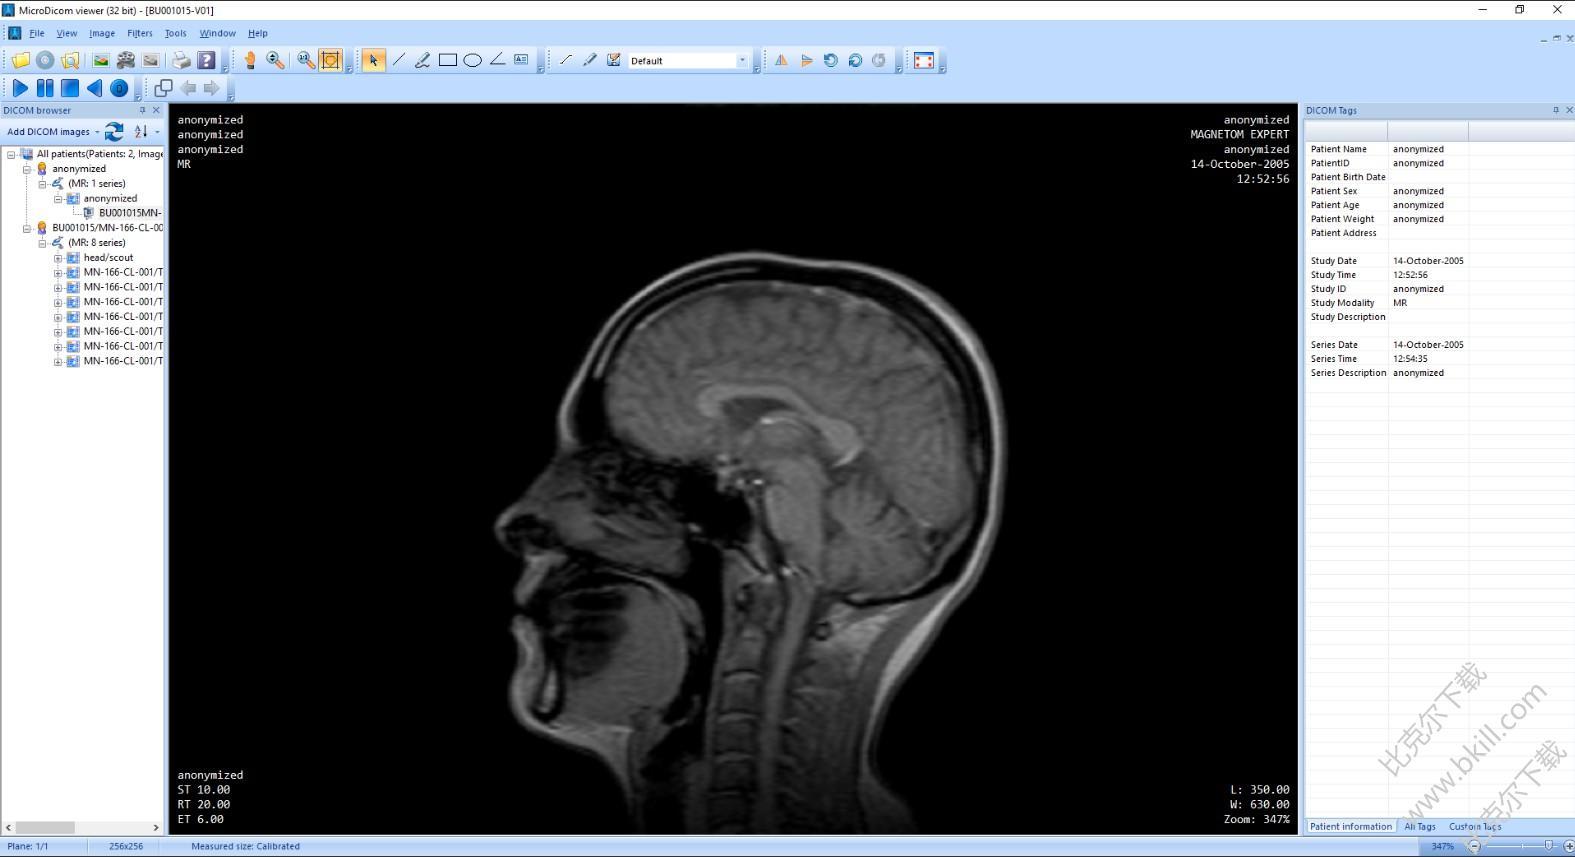 DICOM图像浏览软件(MicroDicom DICOM viewer)